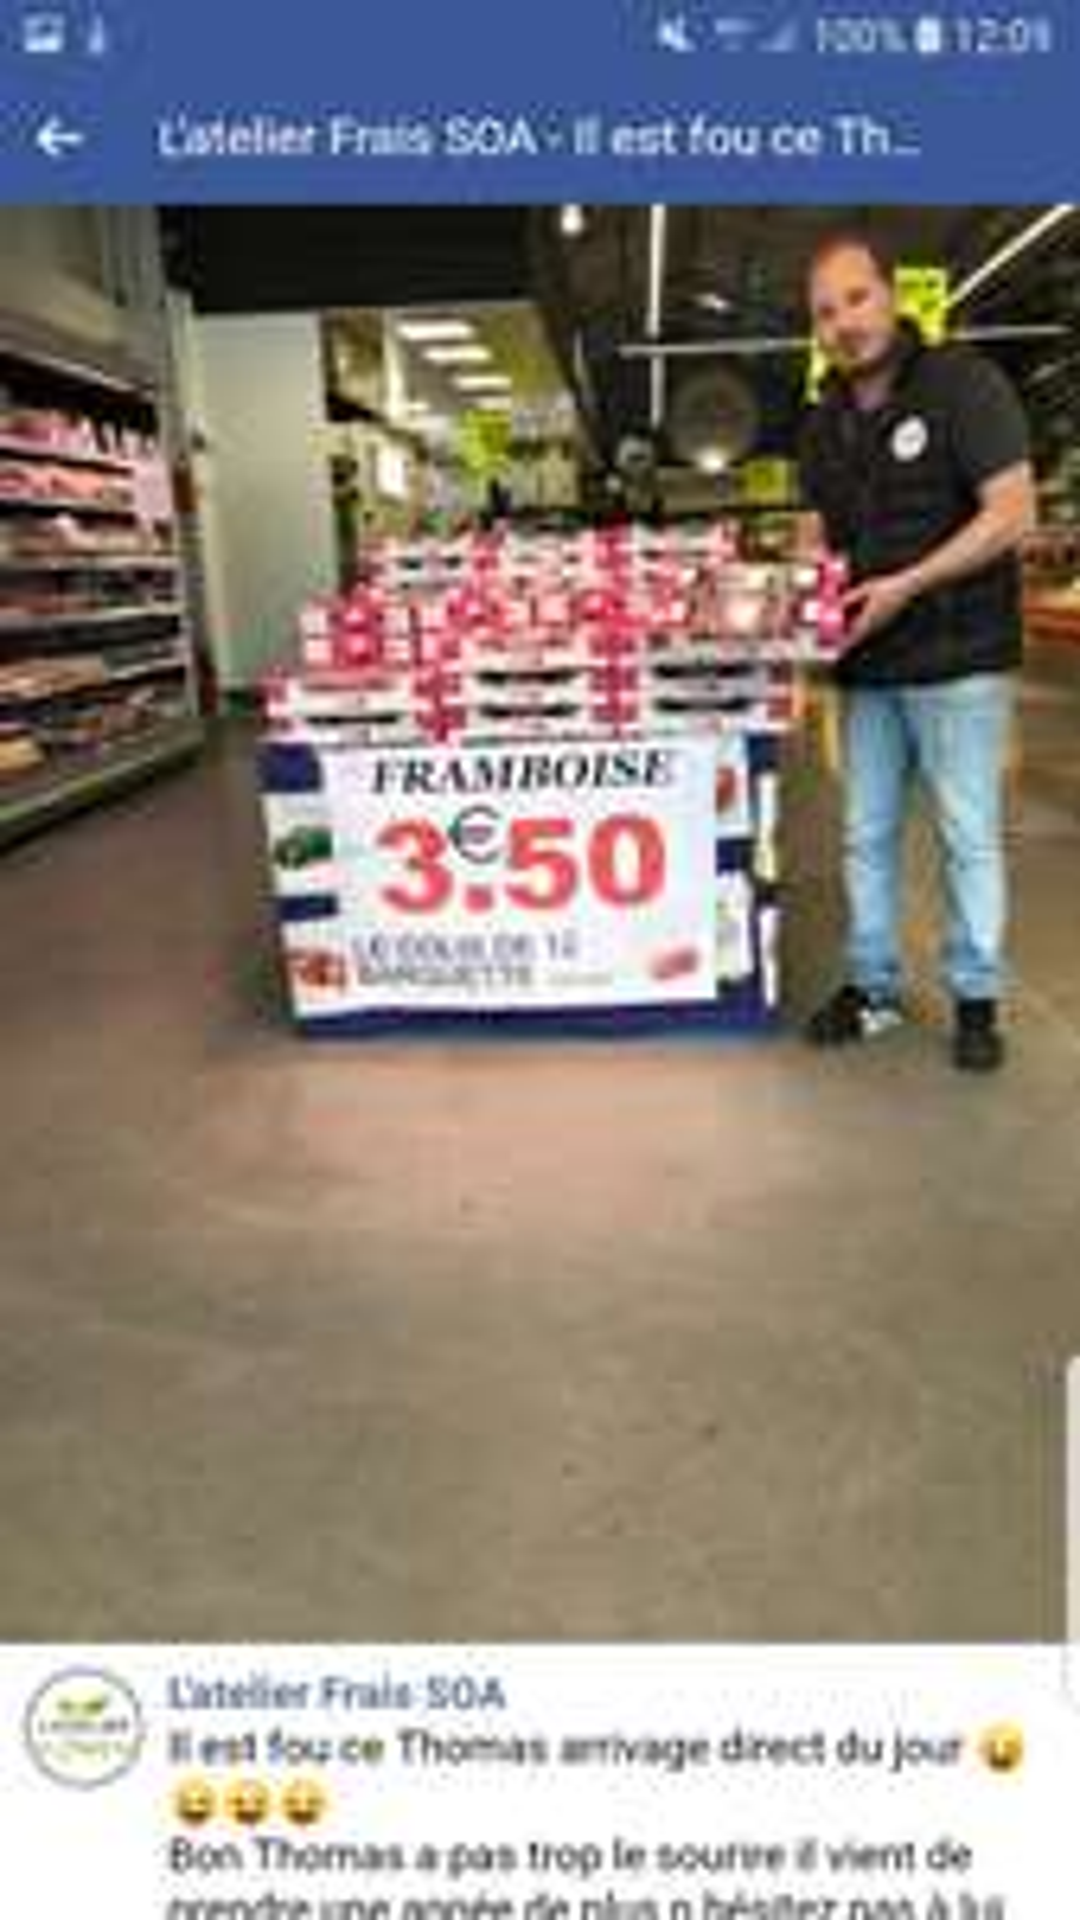 Sélection de fruits en promotion - Ex : colis de 12 barquettes de Framboises - L'atelier Frais SOA Saint-Ouen-l'Aumône (95)